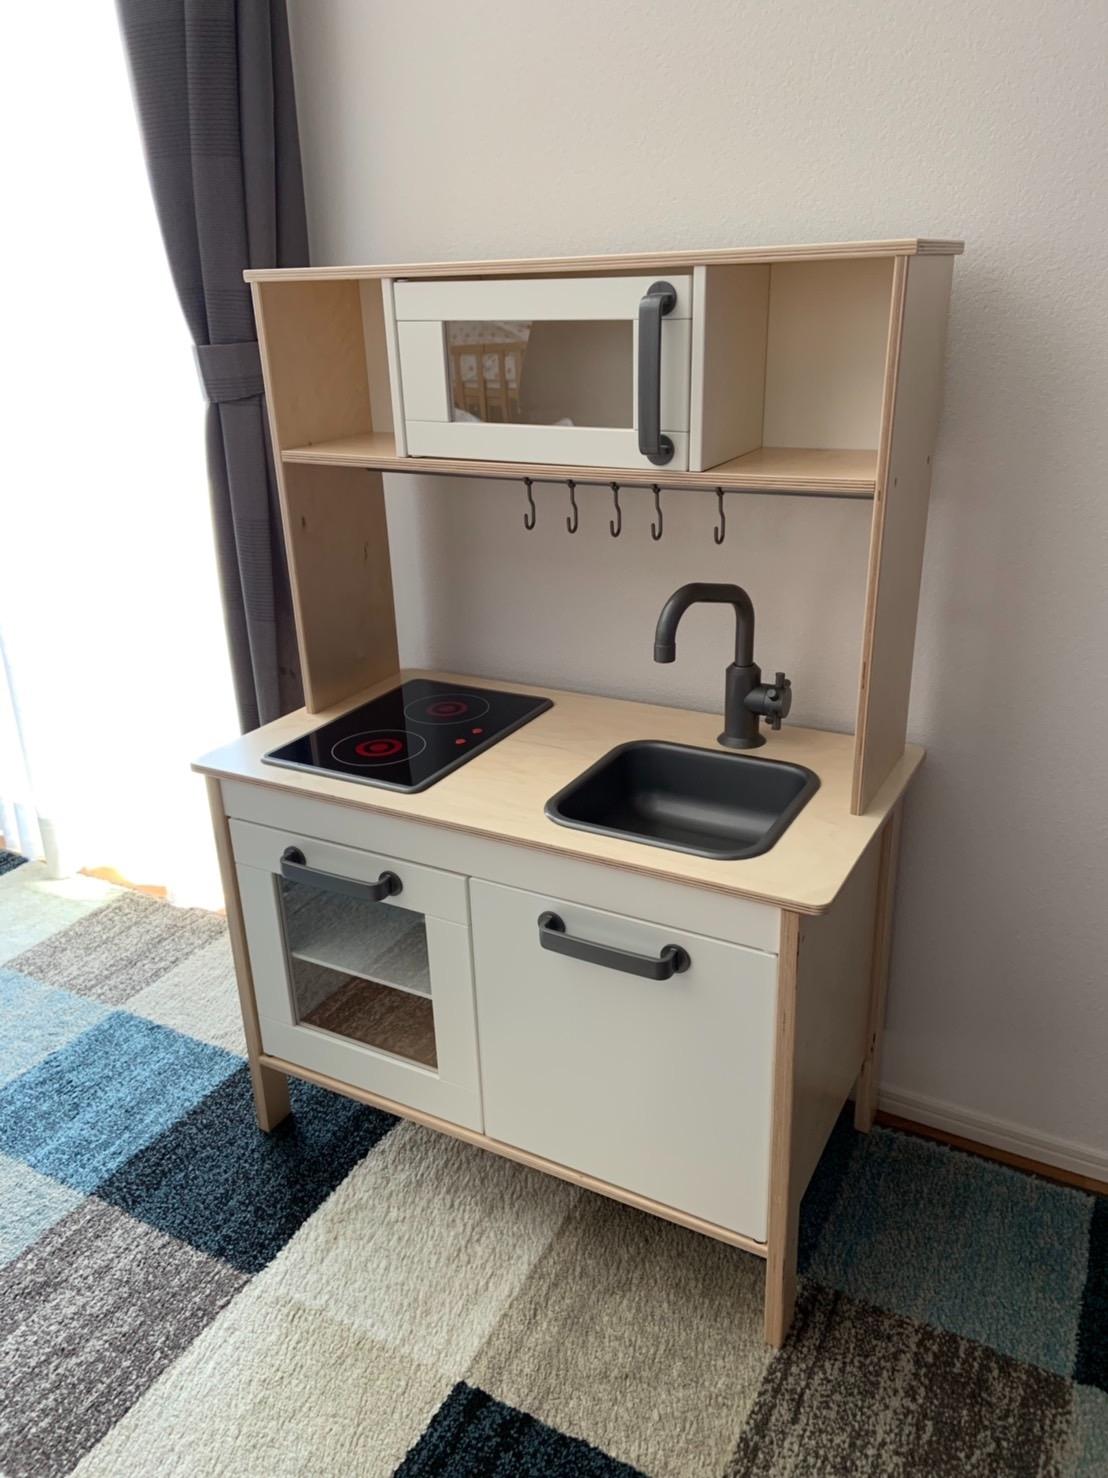 IKEAのおままごとキッチンがクオリティーが高いのに安い!